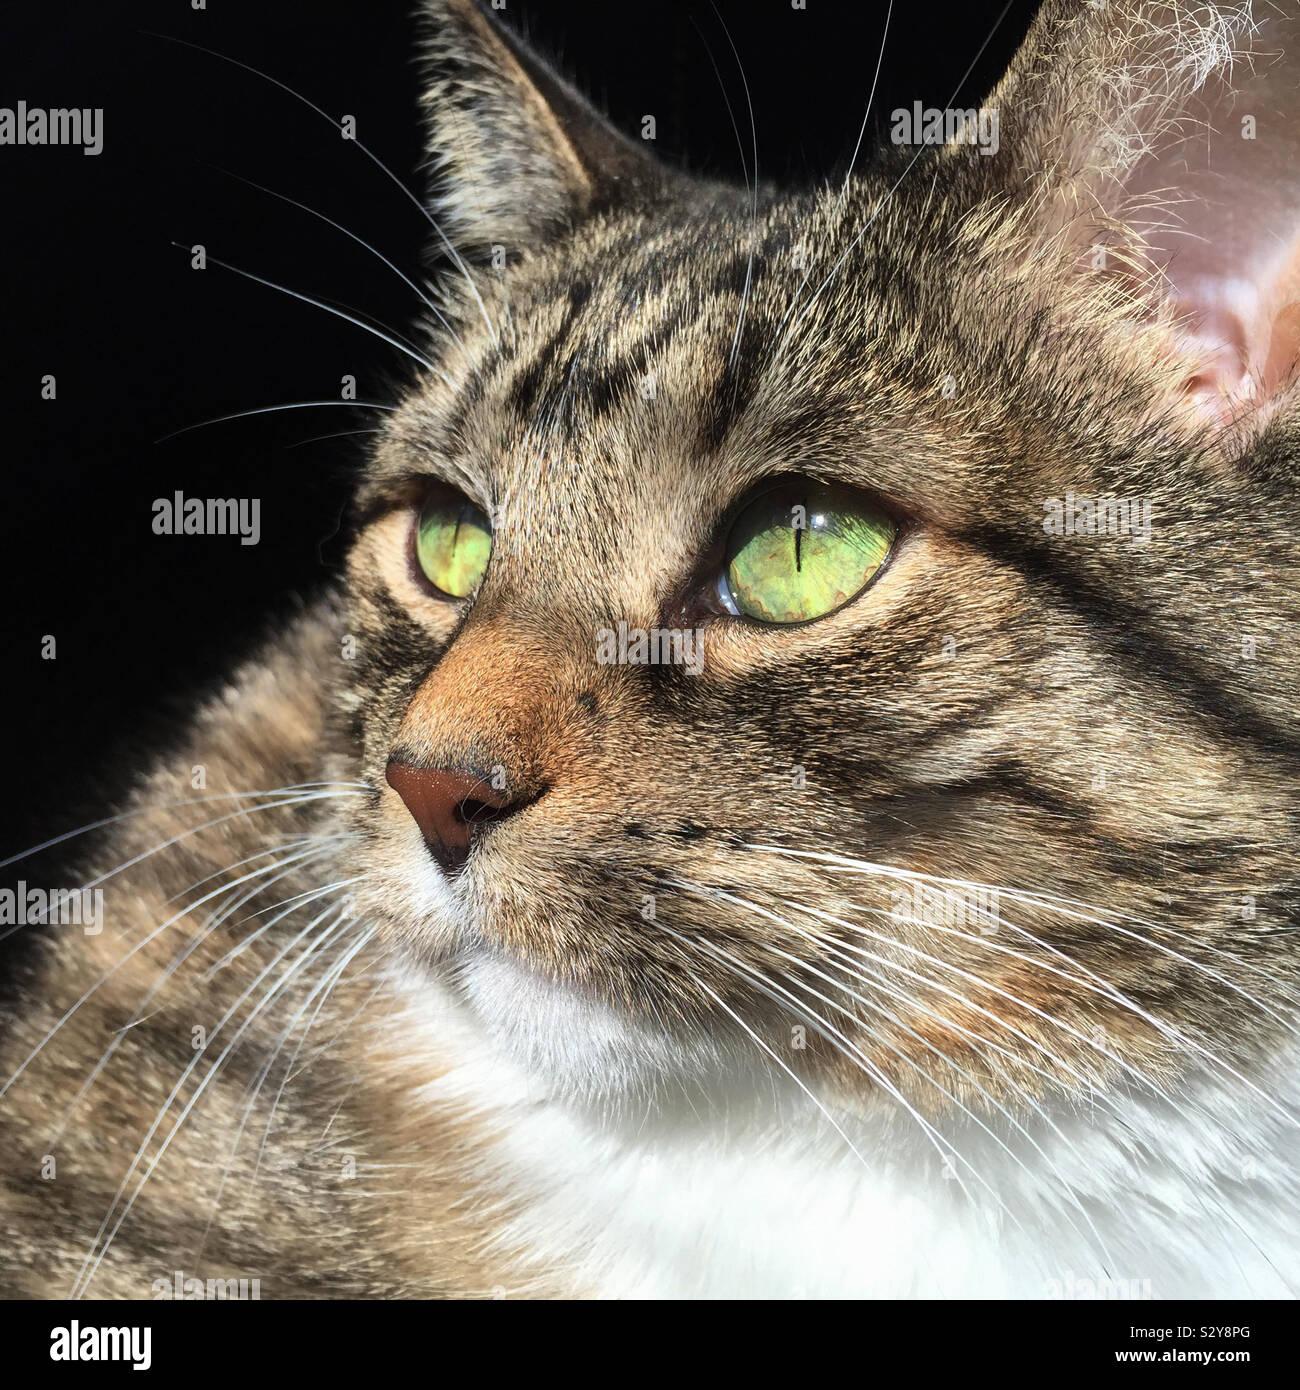 Una donna dai capelli corti di colore marrone tabby cat è godendo il suo tempo crogiolarsi nella luminosa calda luce del sole in streaming da una finestra nelle vicinanze. Foto Stock